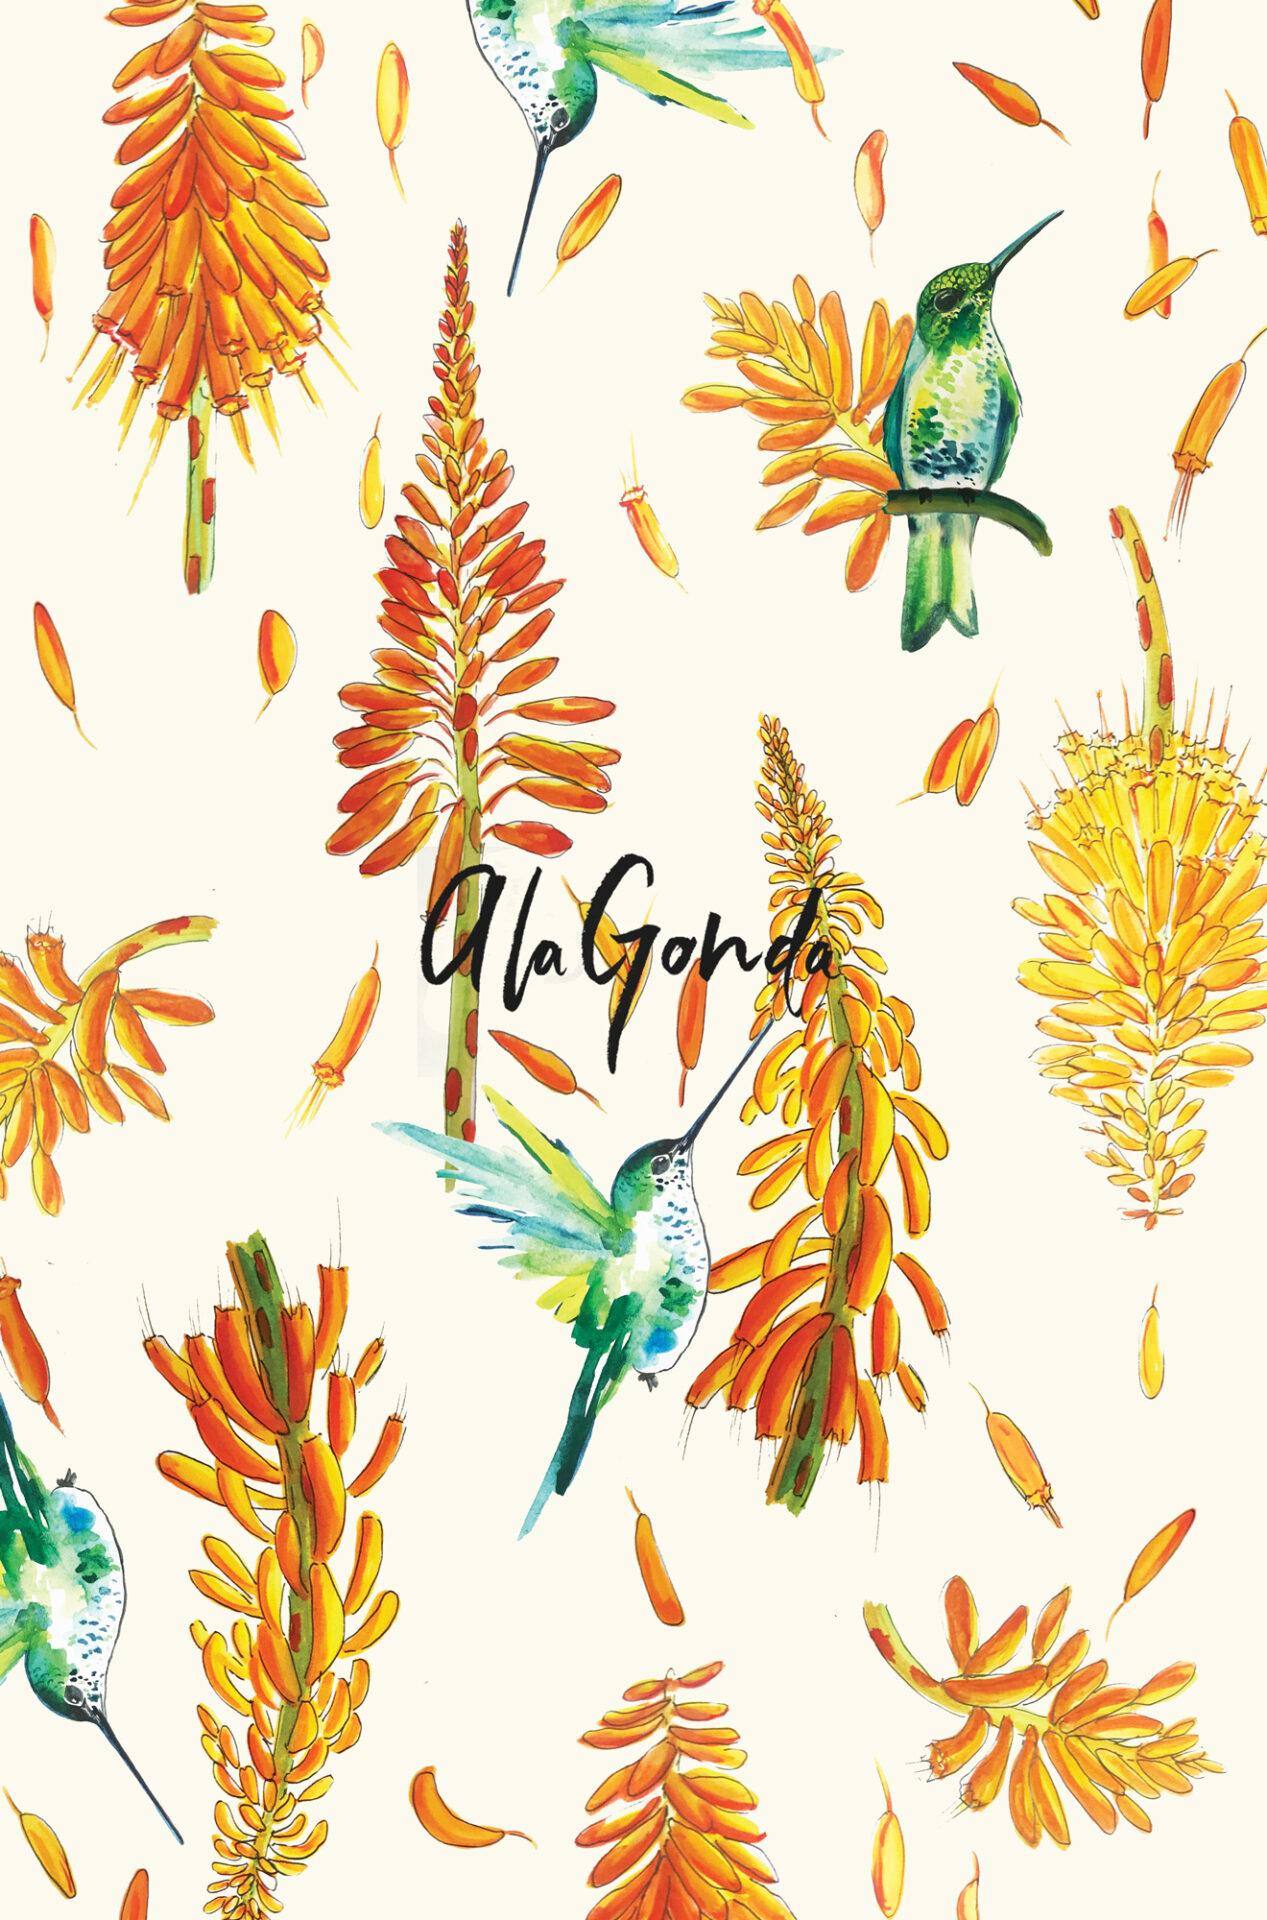 alagonda-isla-del-sol-the-hummingbirds-2